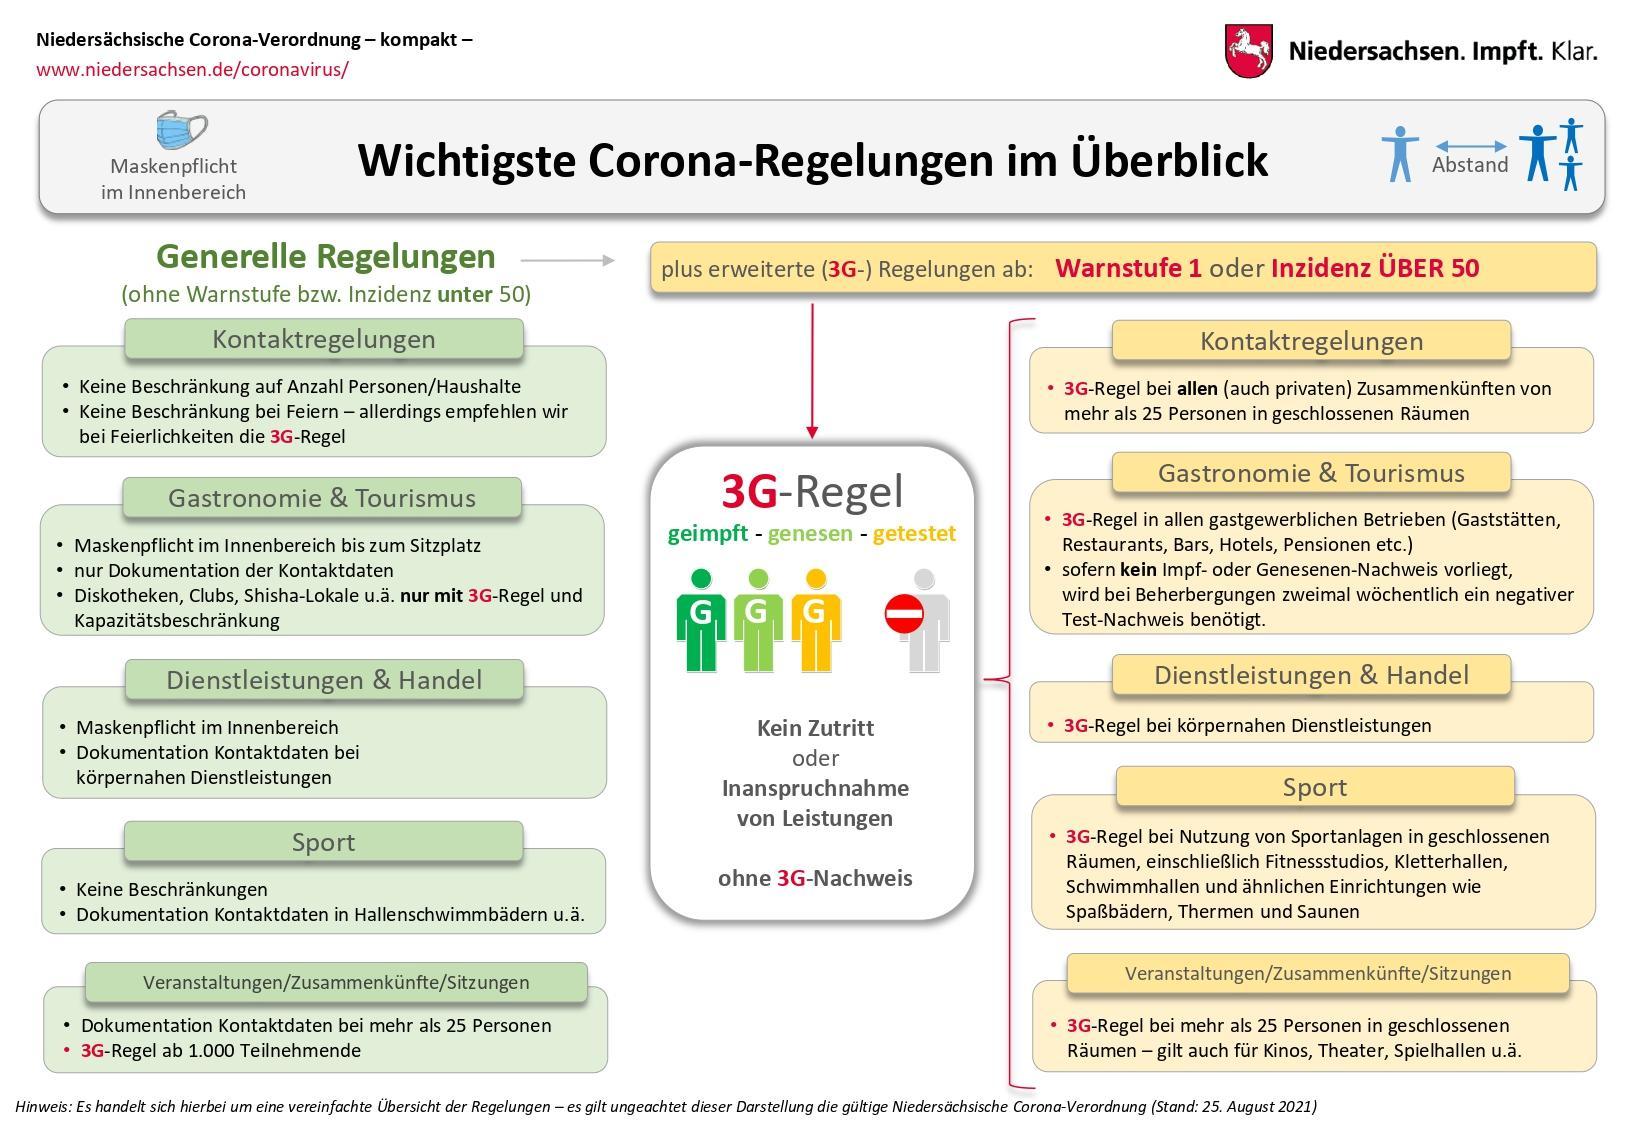 Niedersächsische Coronaverordnung kompakt 08_2021